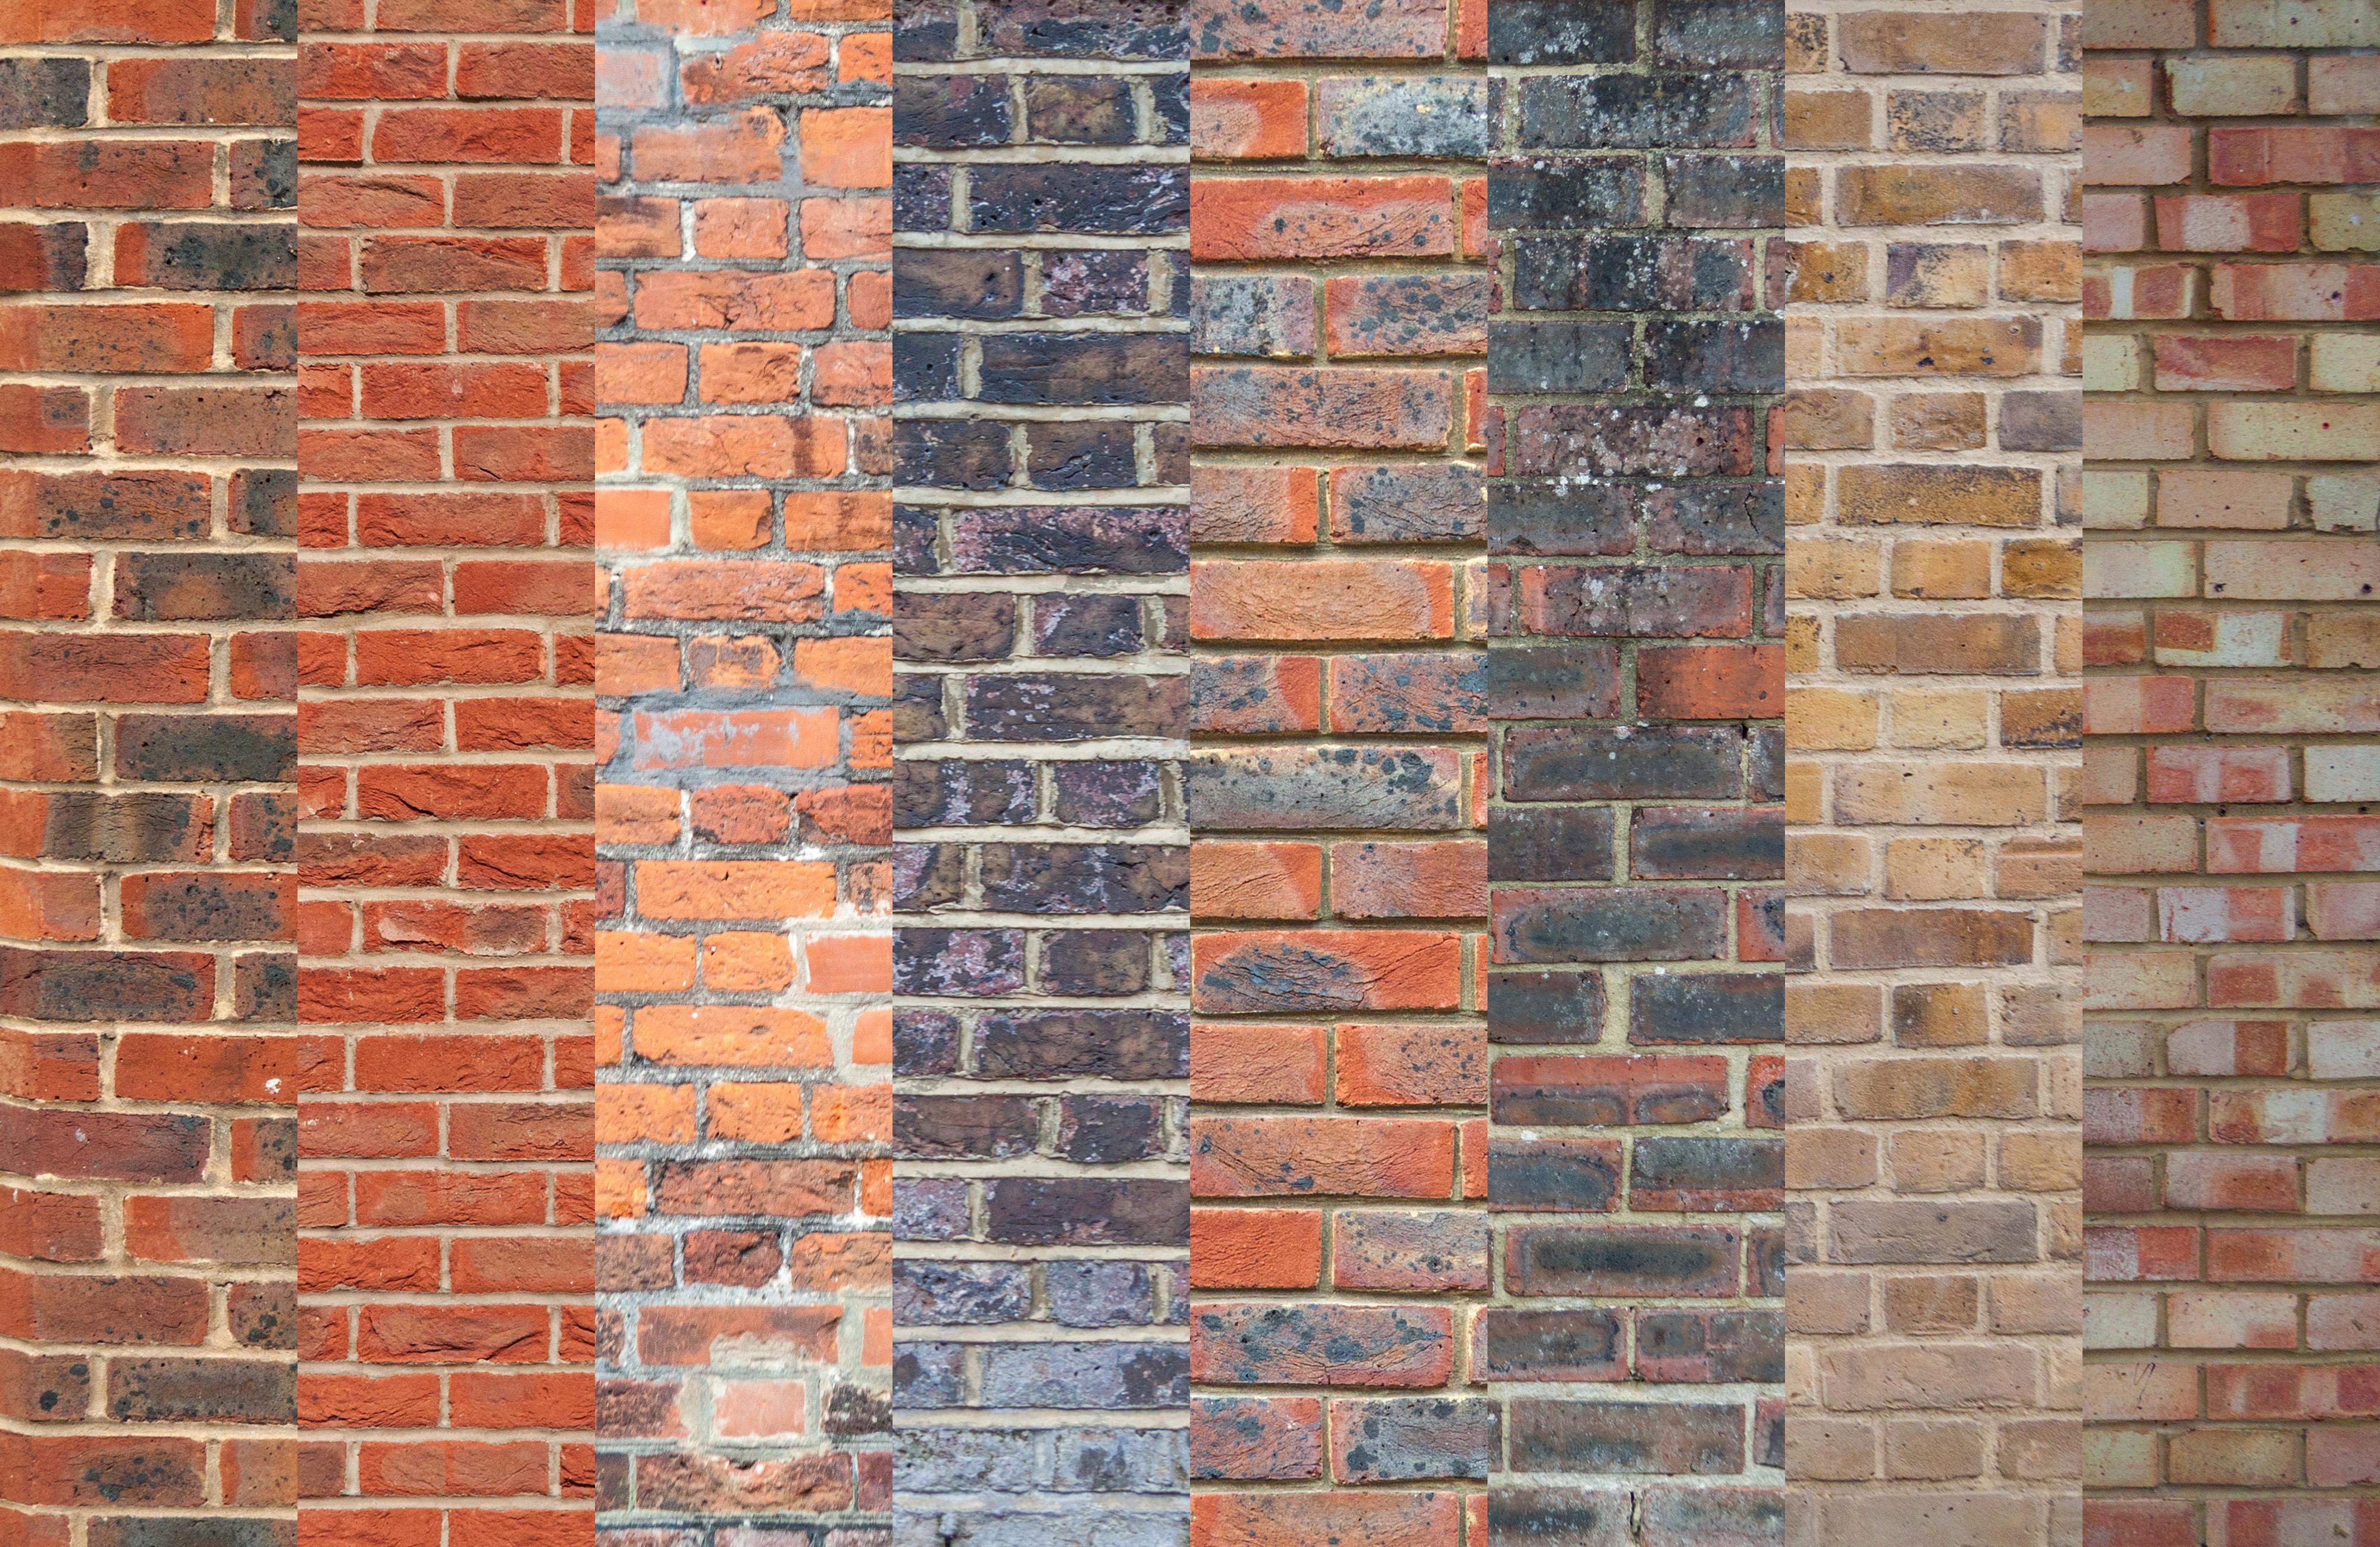 Brick Wall Textures Vol.1 | GraphicBurger